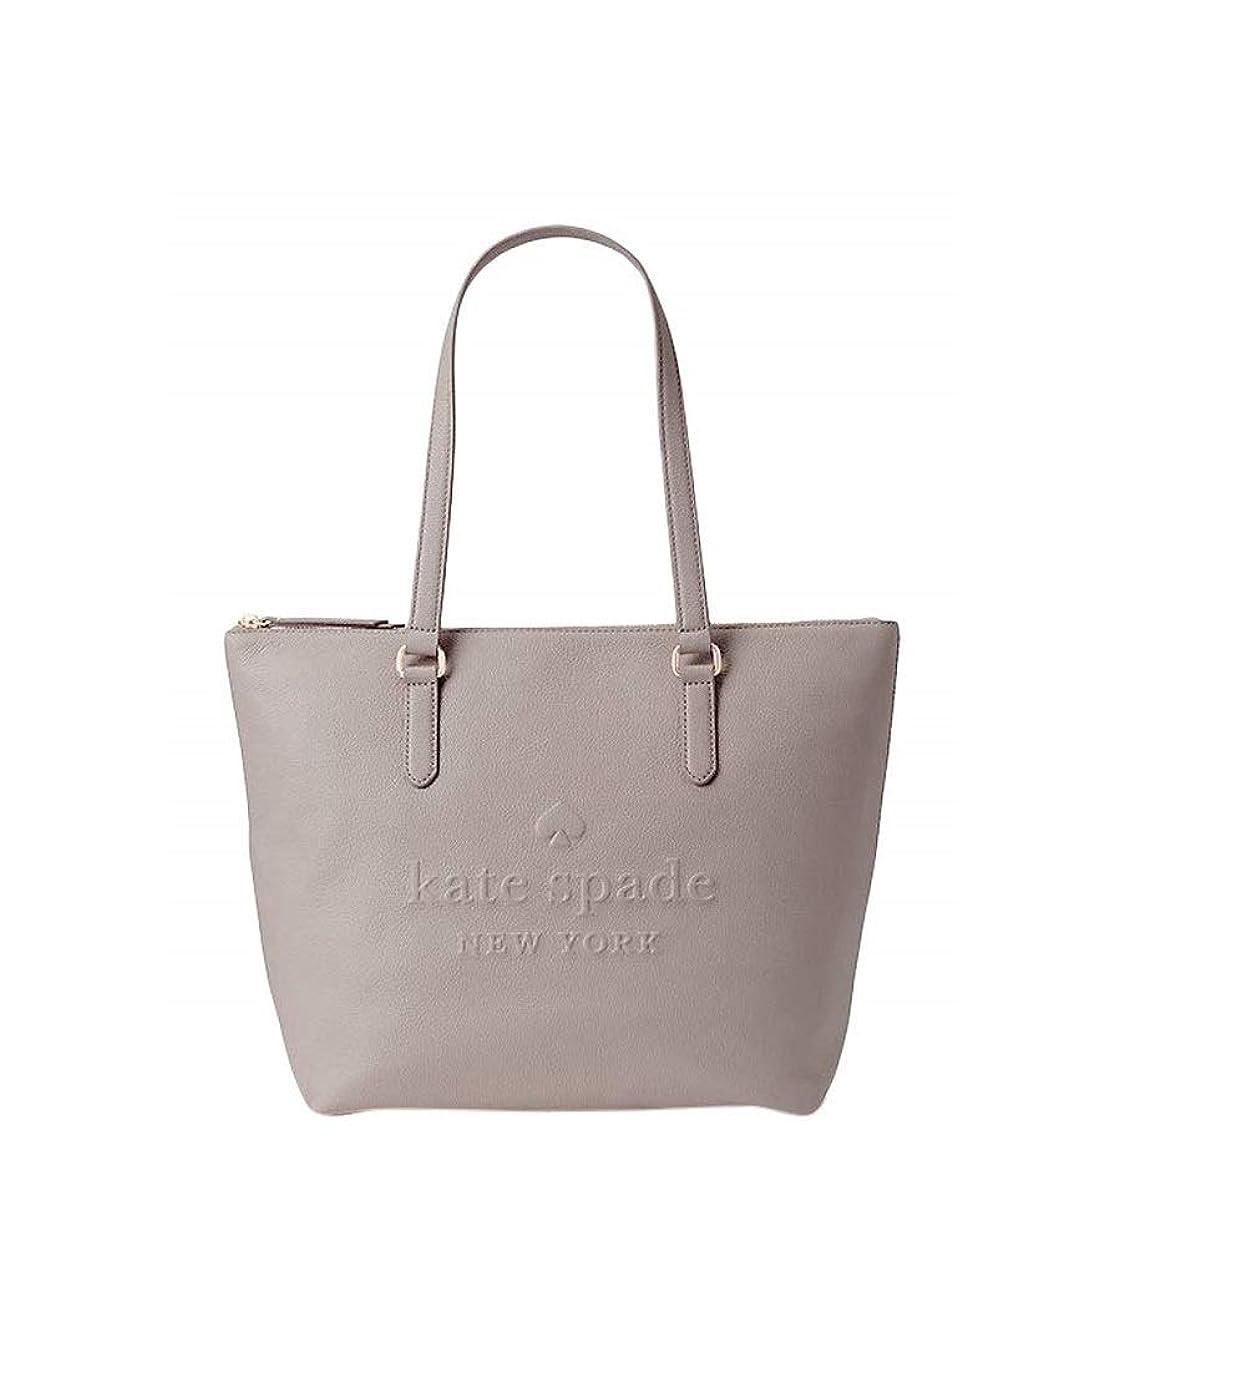 ご覧くださいつかむ郊外Kate Spade New York レディース US サイズ: L カラー: グレー